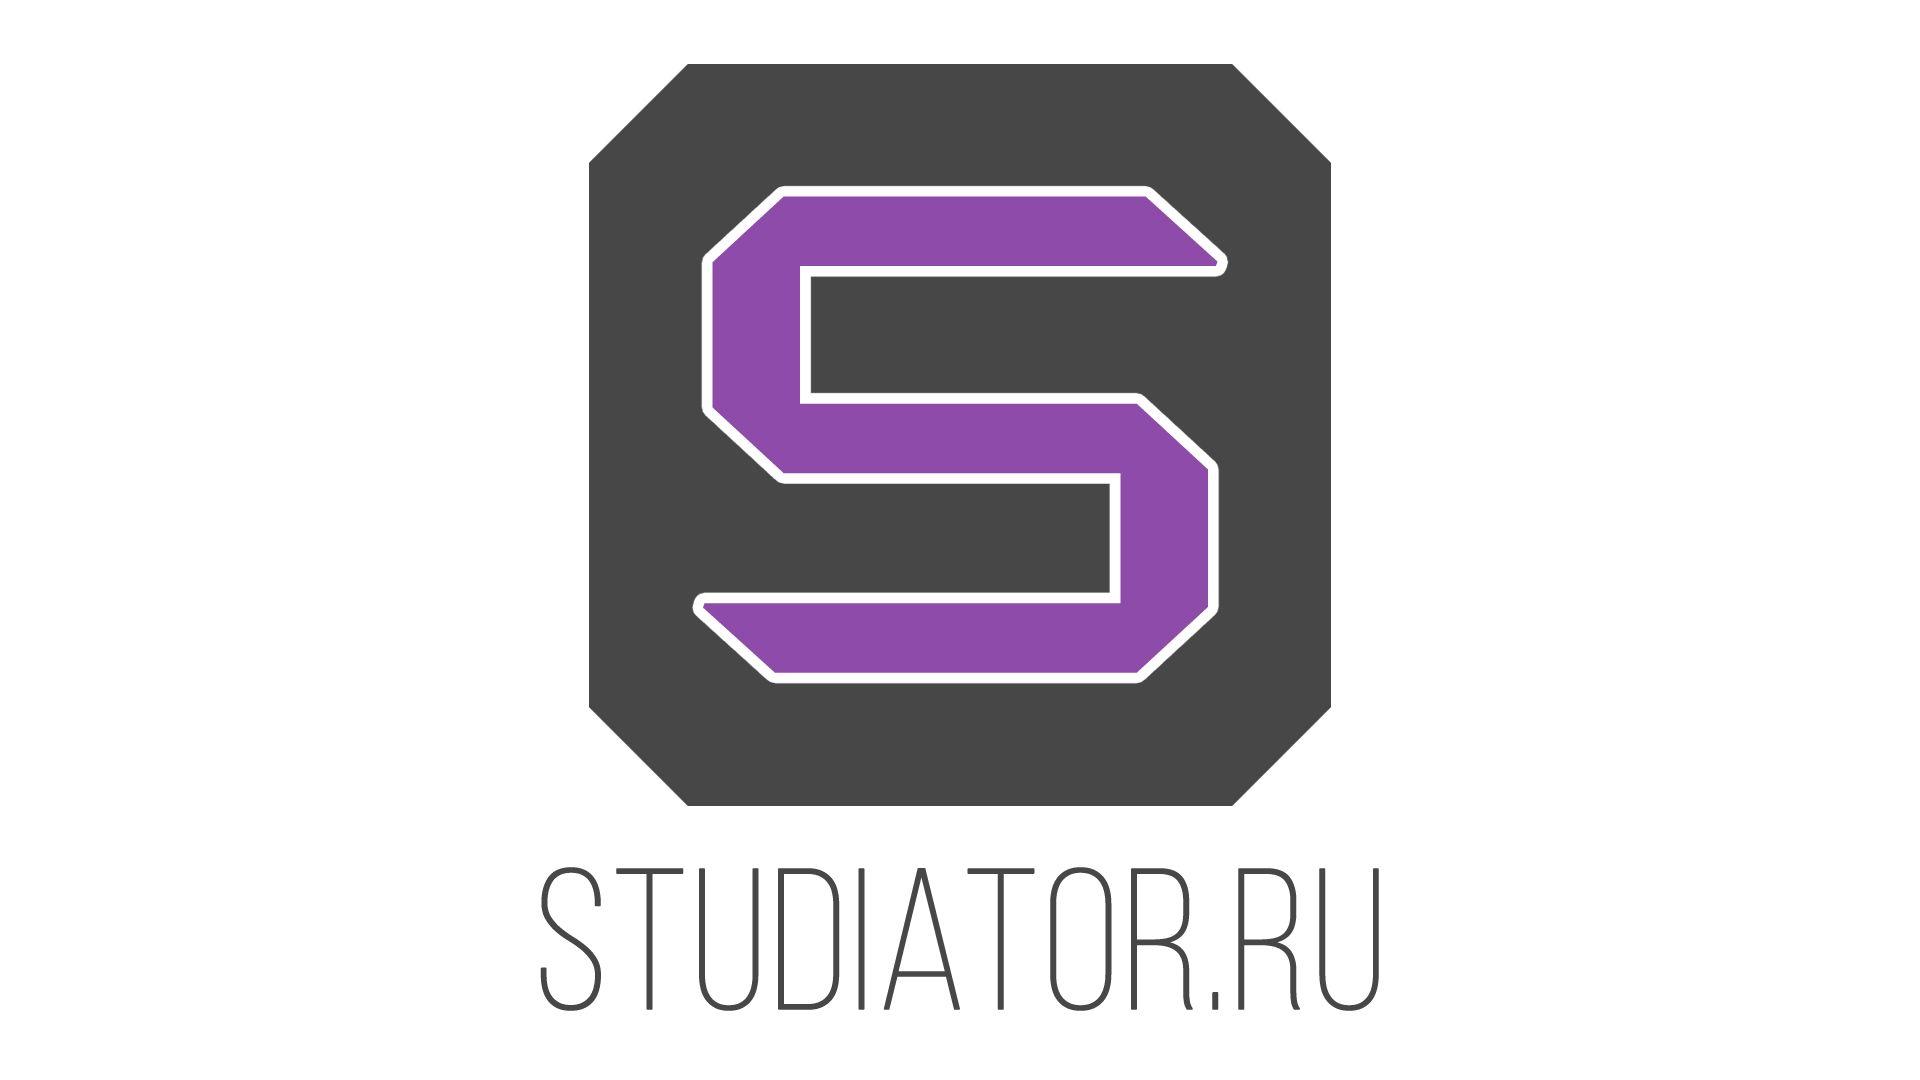 Логотип для каталога студий Веб-дизайна - дизайнер MrJoneck